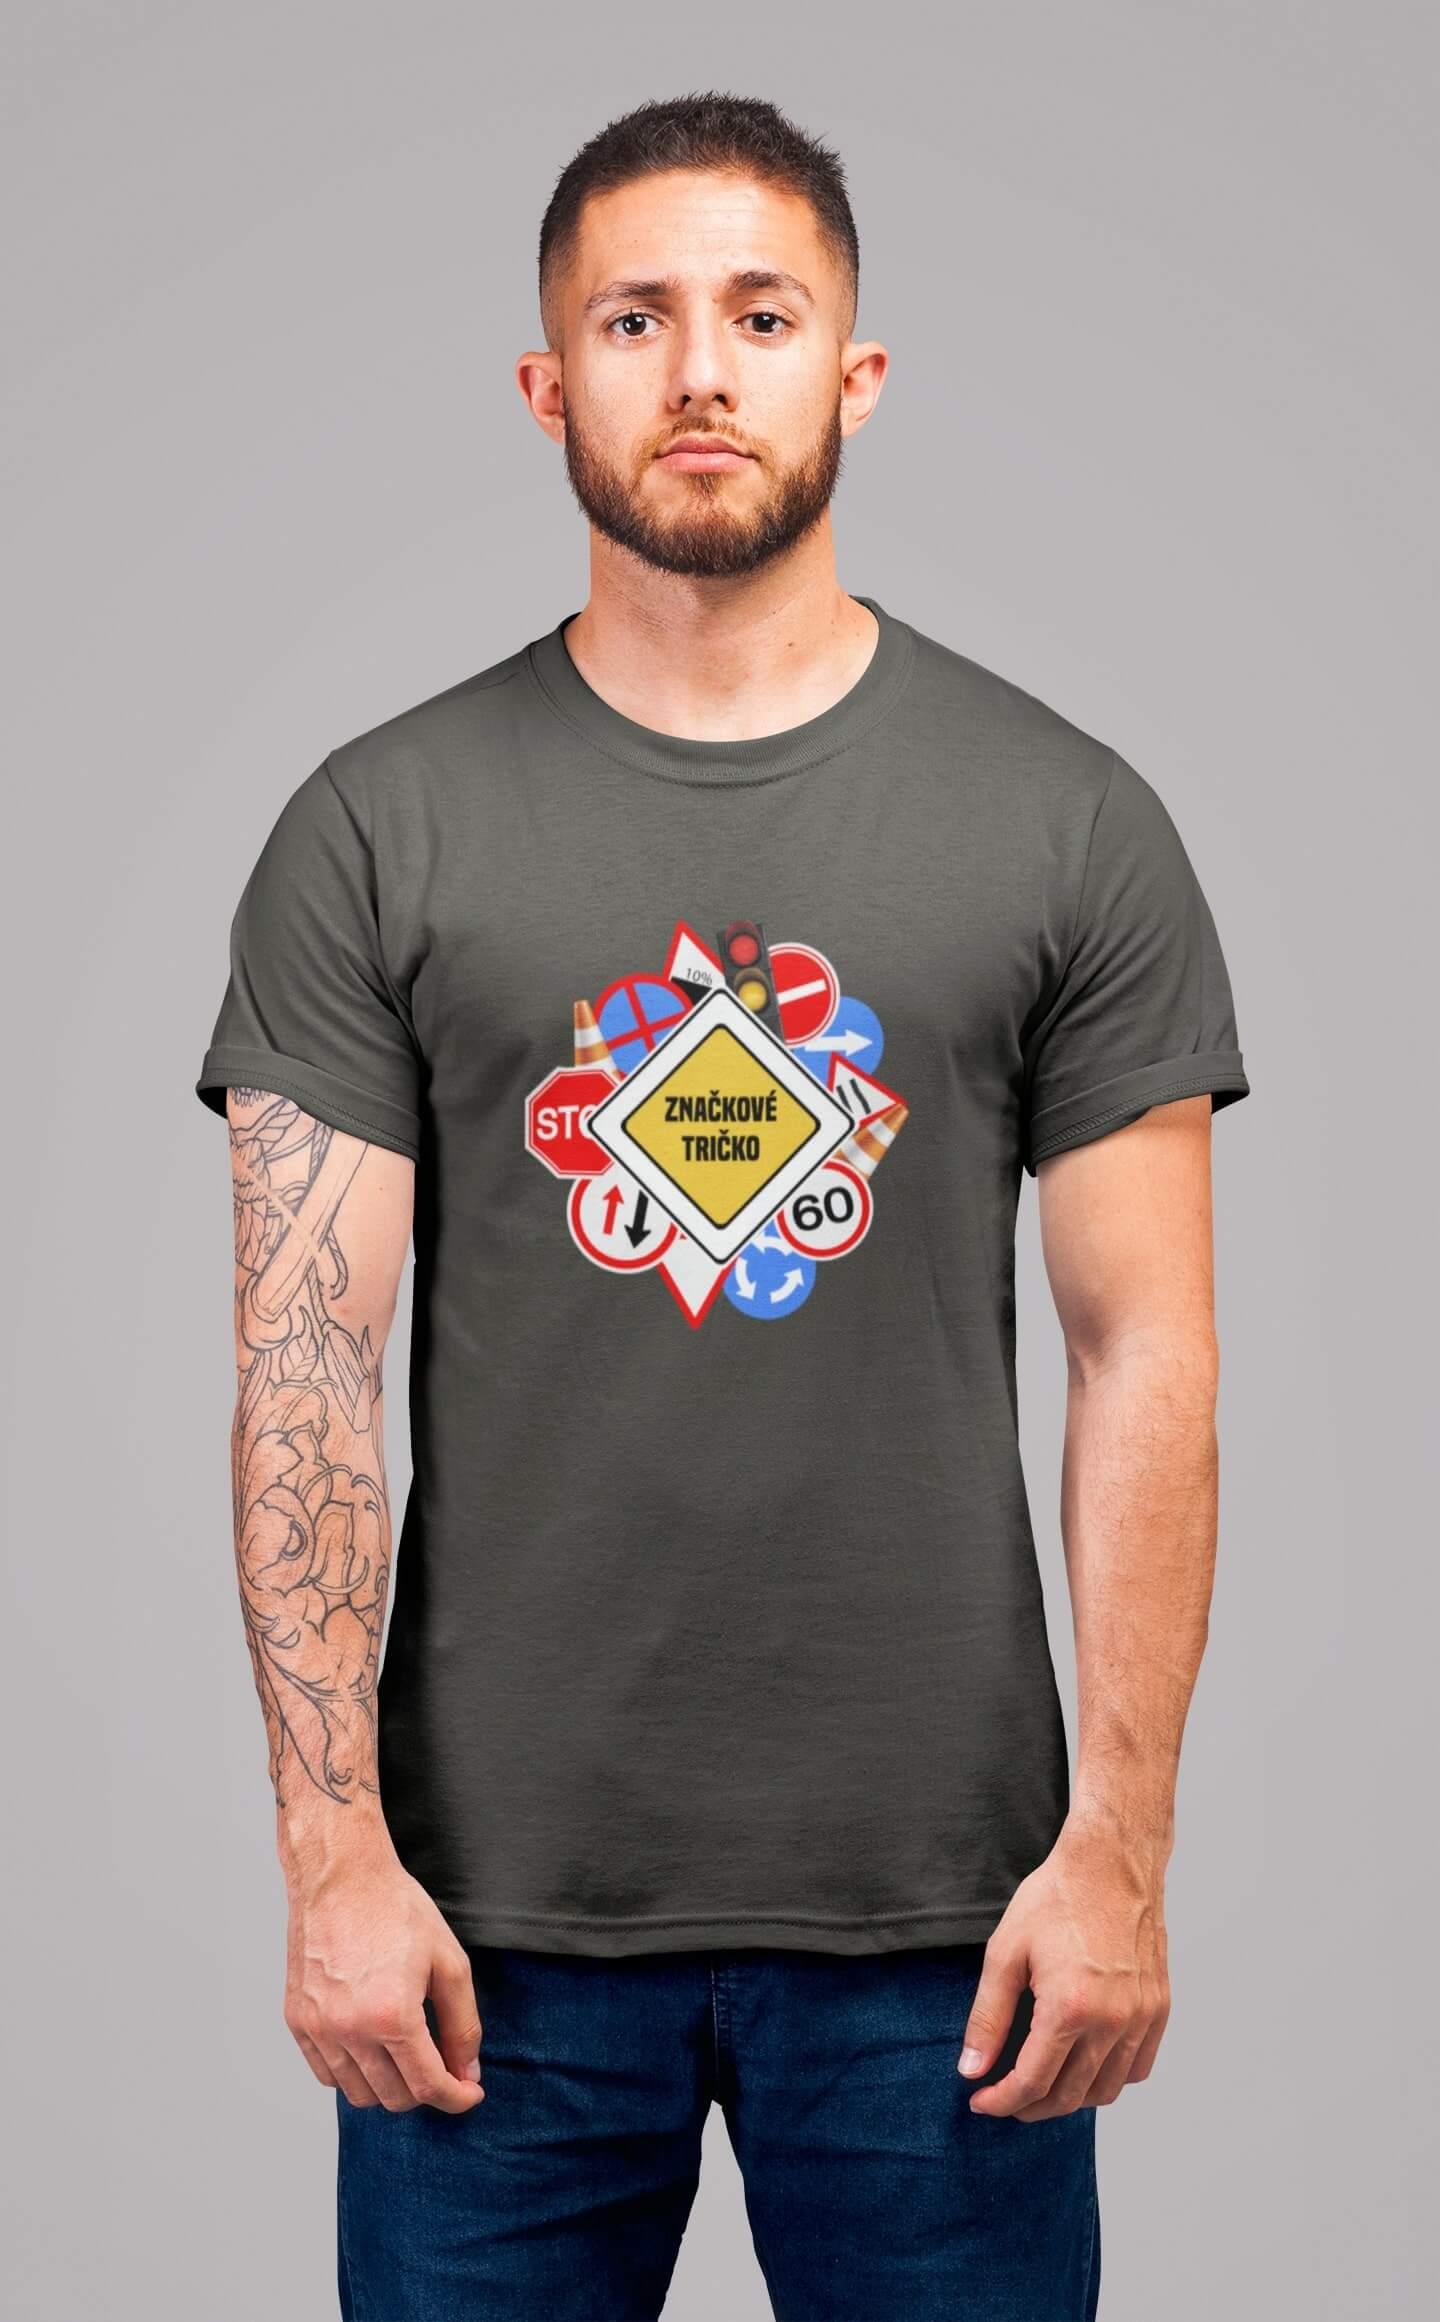 MMO Pánske tričko Značkové tričko Vyberte farbu: Tmavá bridlica, Vyberte veľkosť: XL